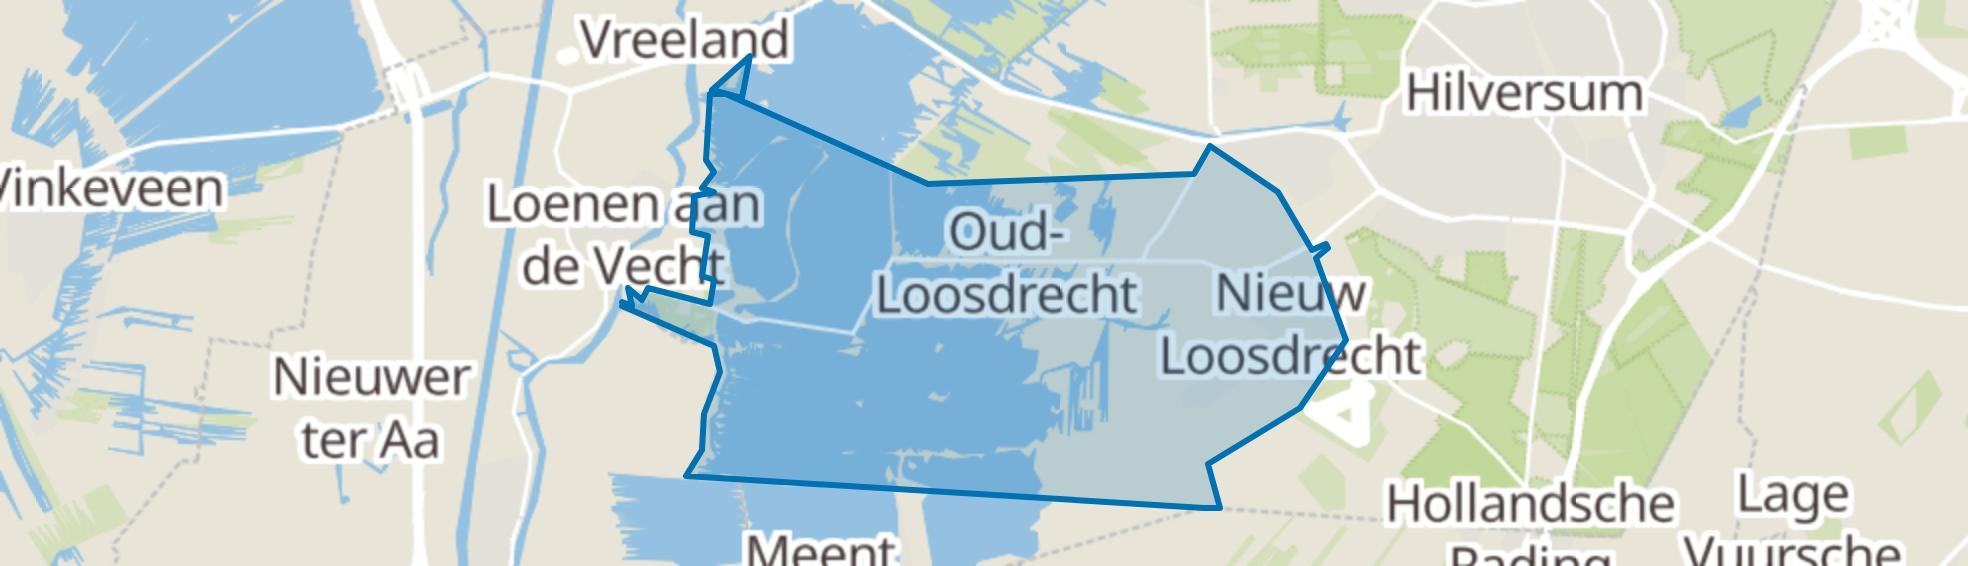 Loosdrecht map